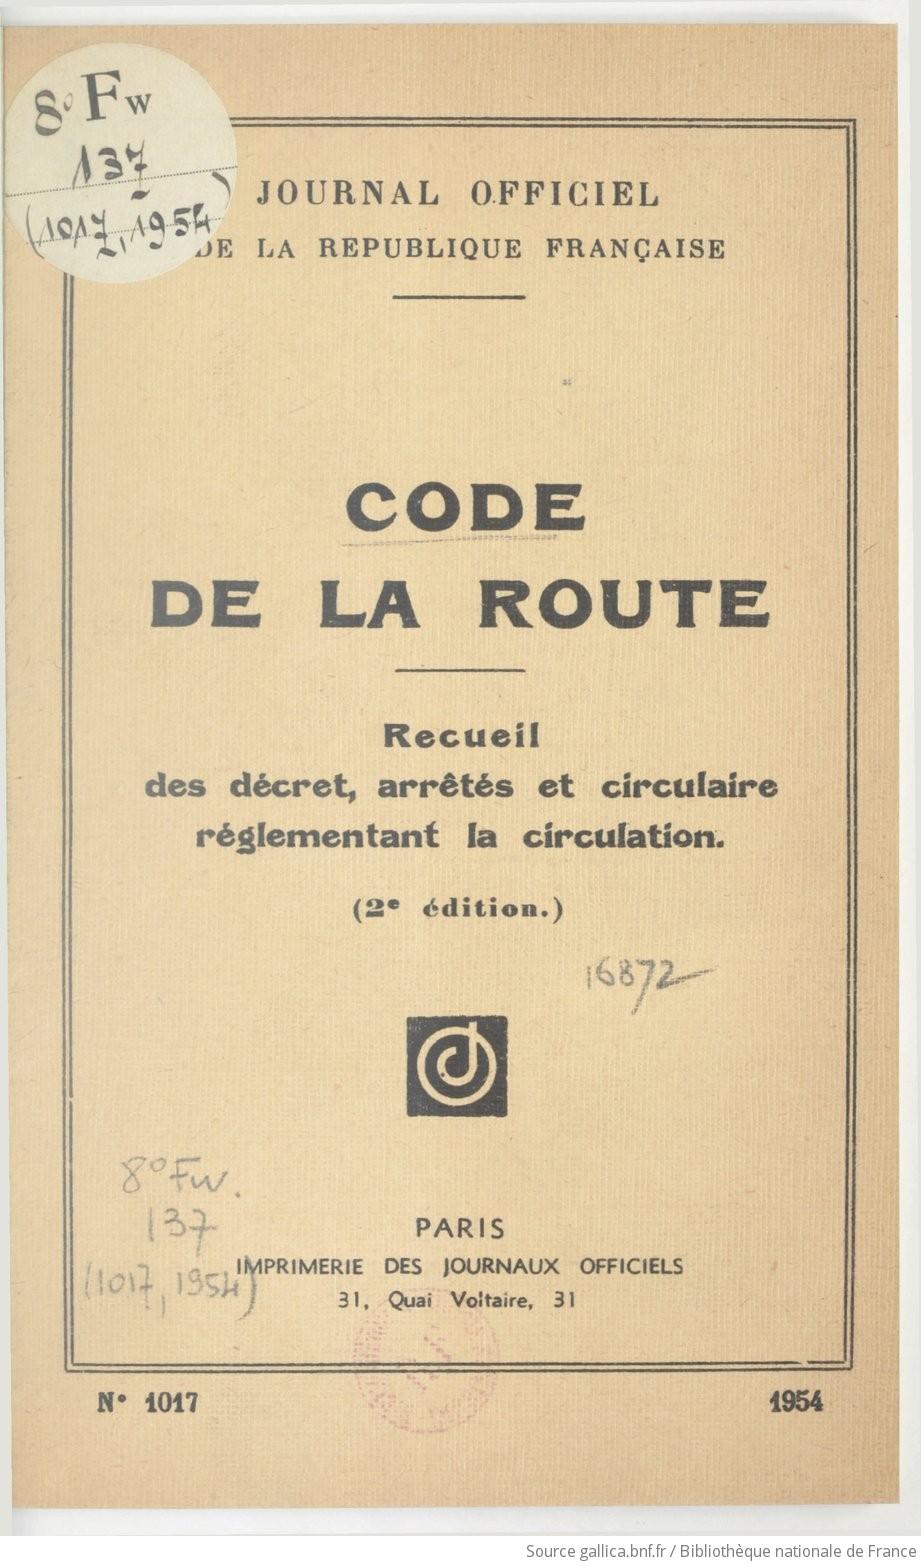 code de la route 1954 recueil des d cret arr t s et circulaire r glementant la circulation. Black Bedroom Furniture Sets. Home Design Ideas